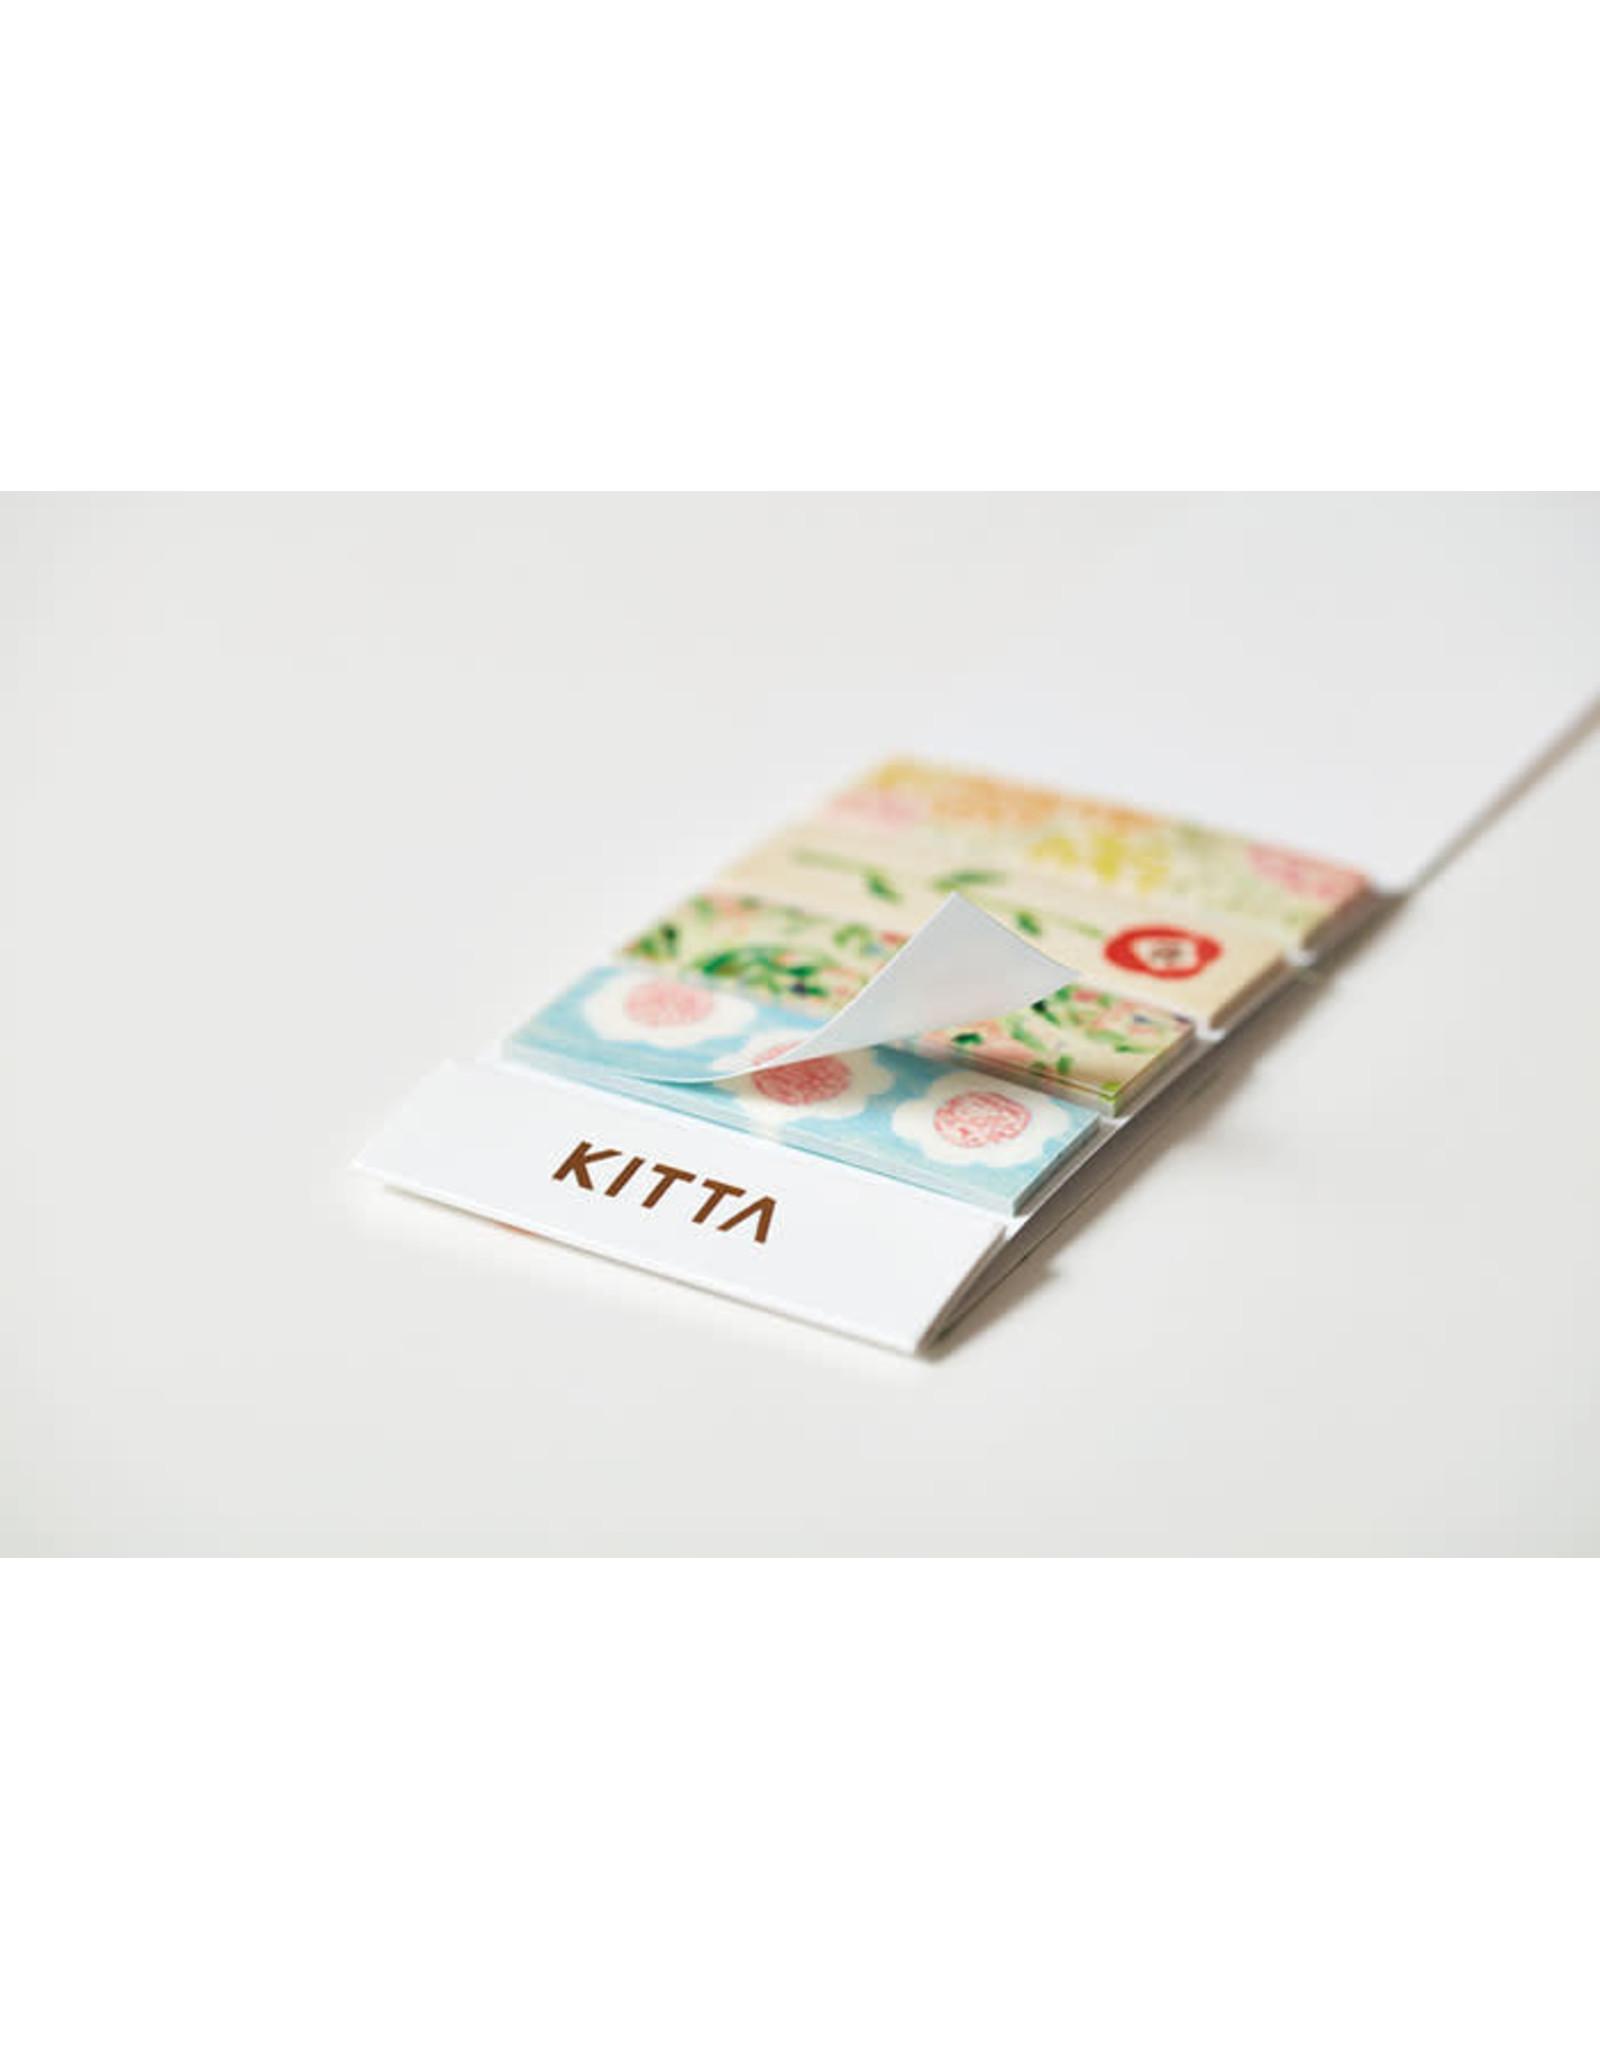 KING JIM CO., LTD. KITTA PLANTS